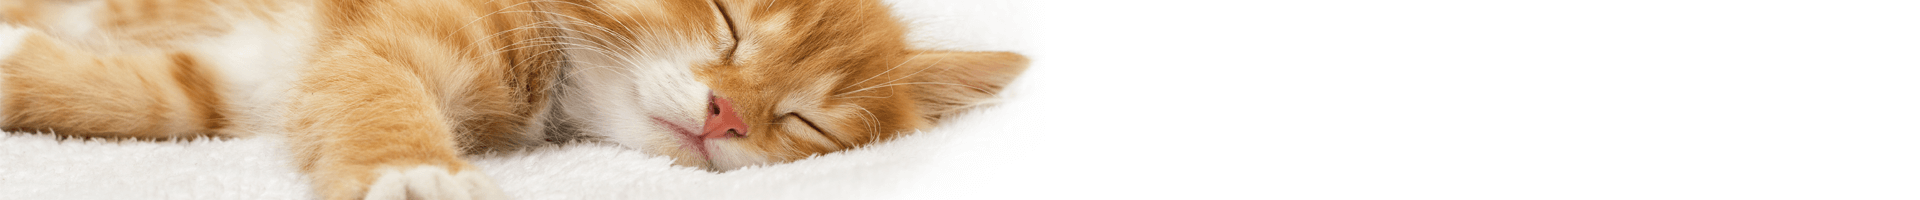 Katzenbaby im neuen Zuhause eingewöhnen: Die 6 besten Tipps